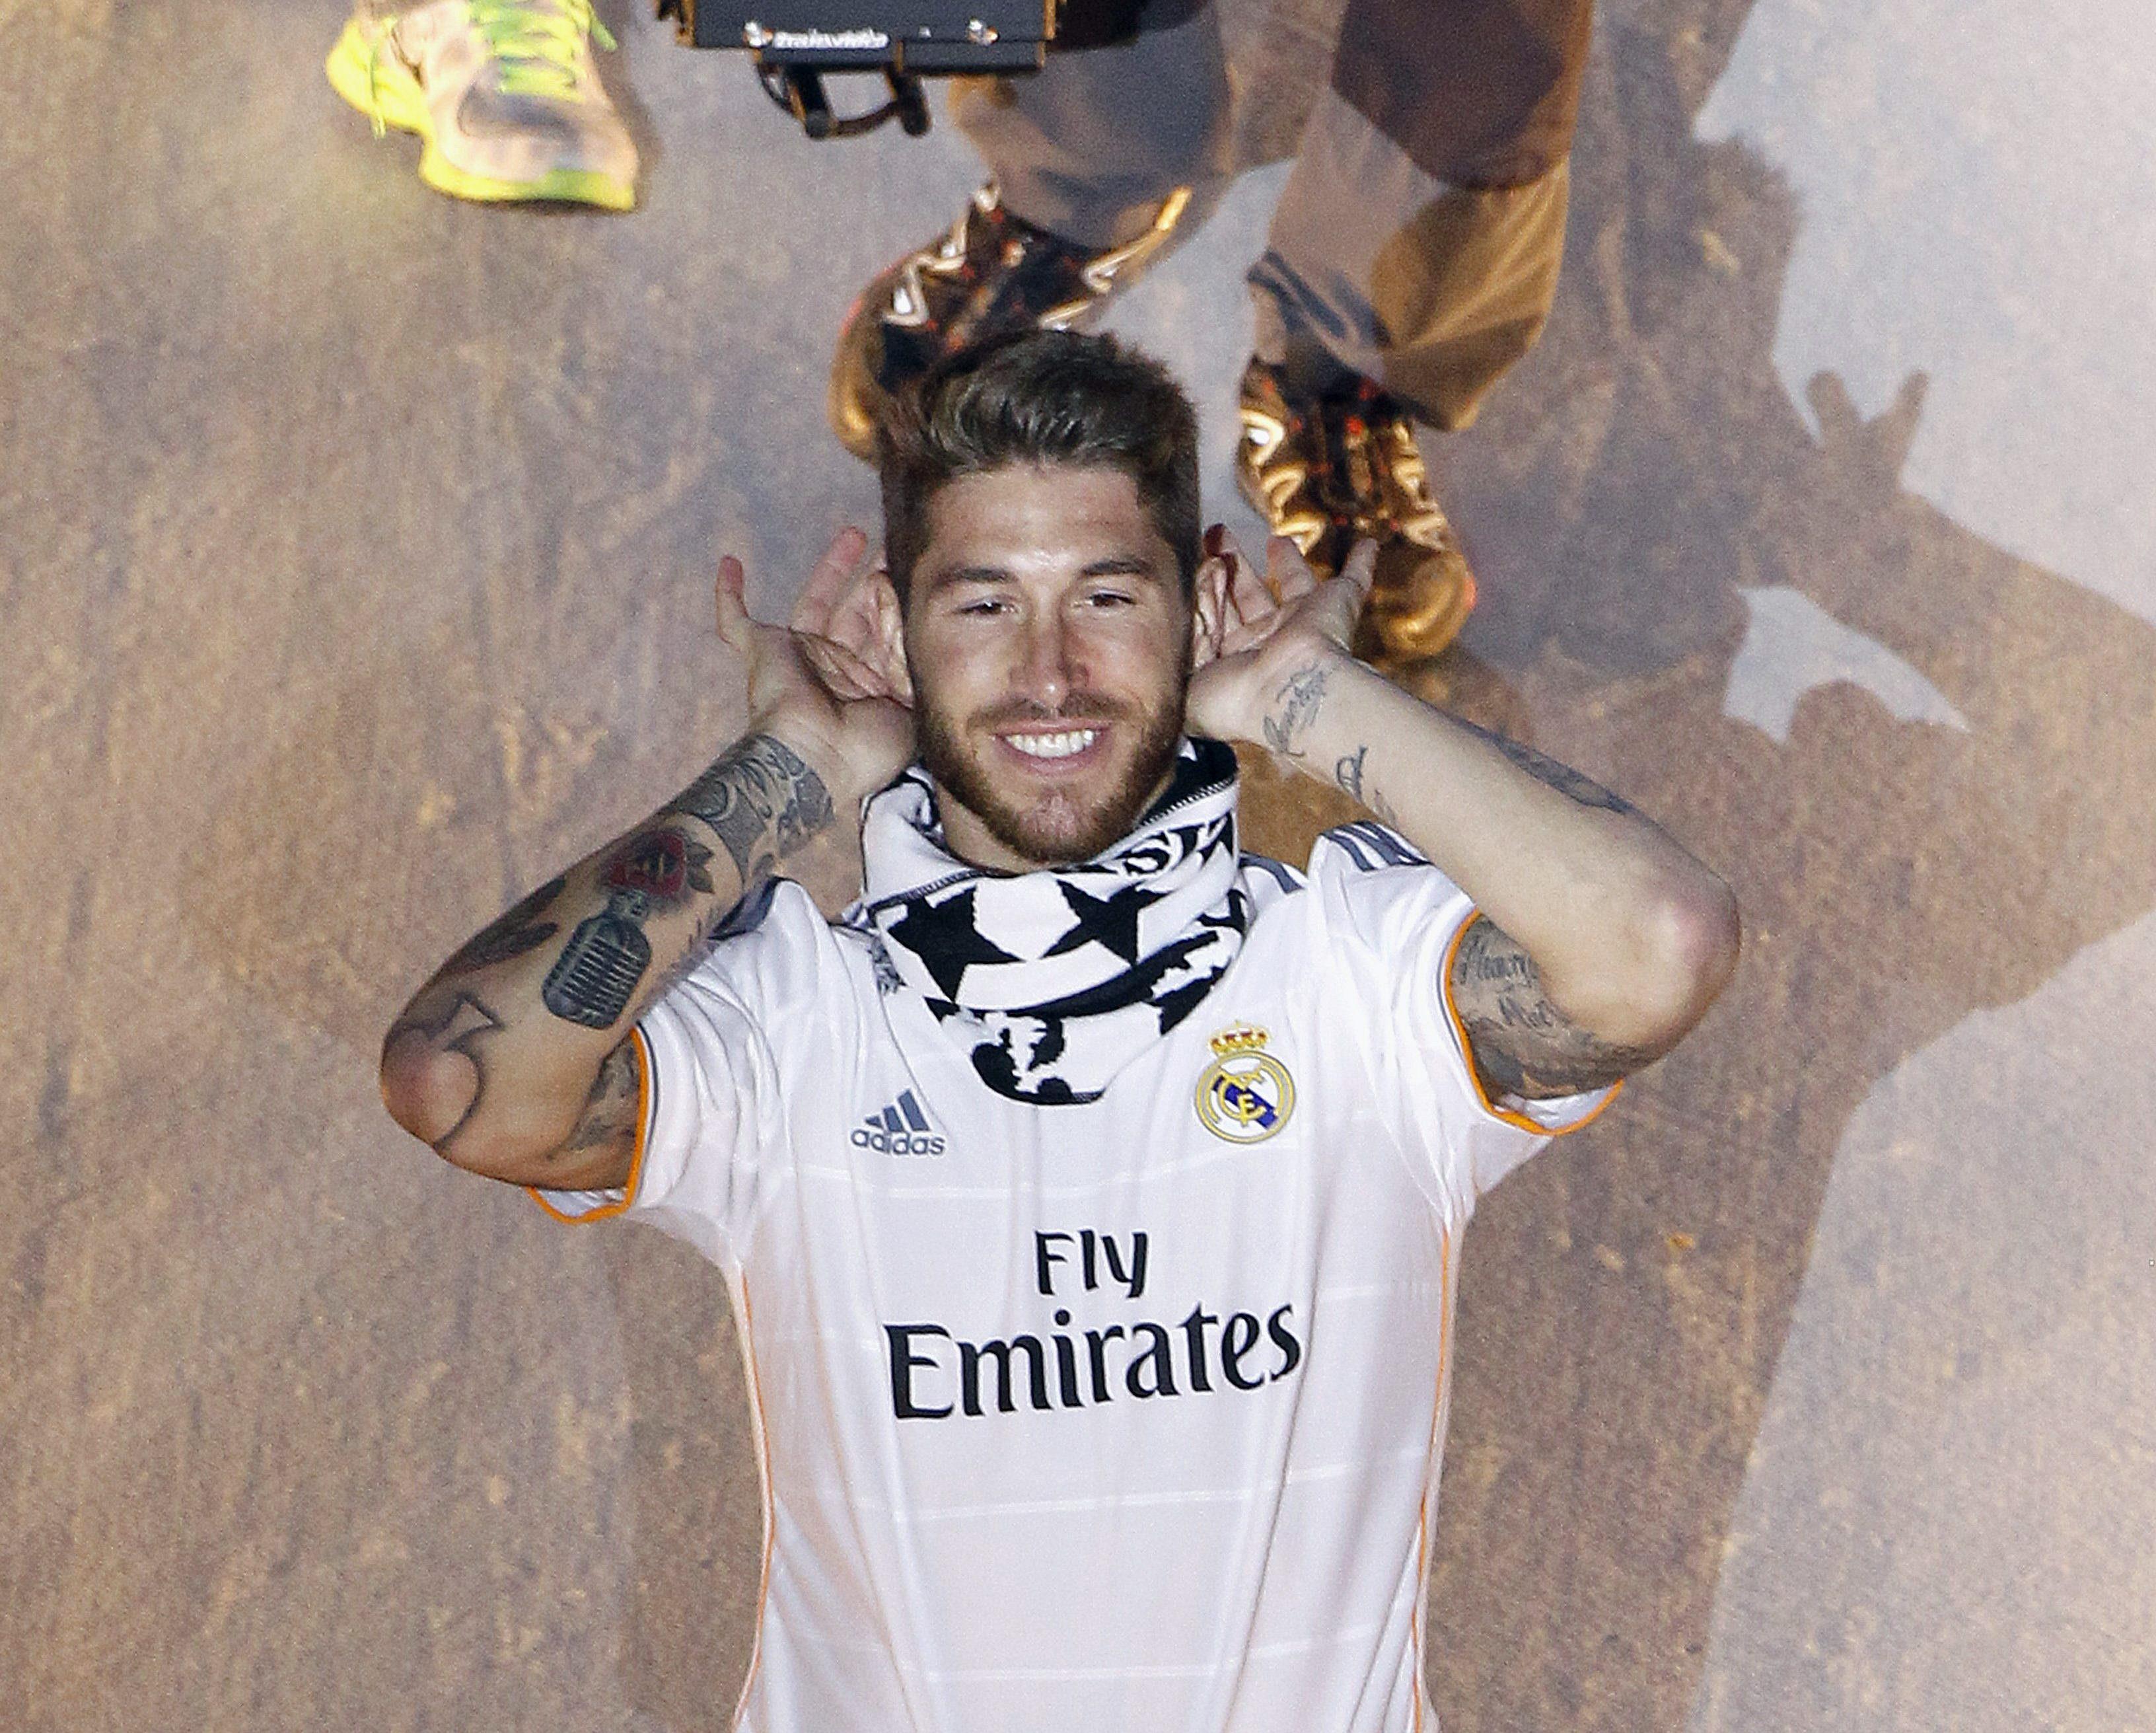 Real Madrid y Sevilla van a por su segunda Supercopa y un premio de 3 millones